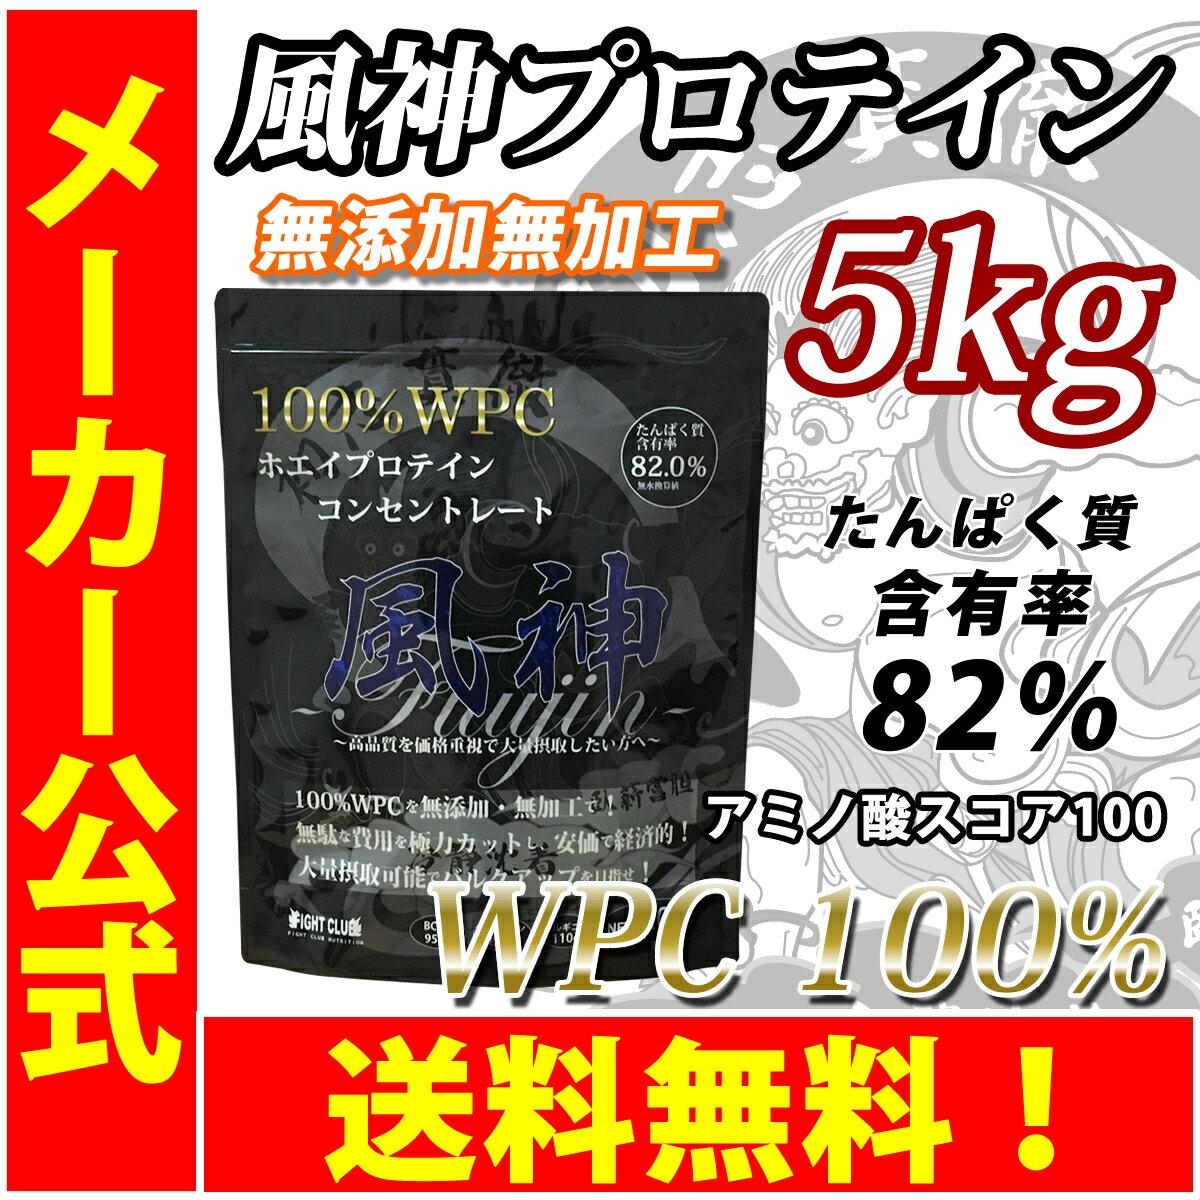 風神プロテインWPC コンセントレート【送料無料!】【徳用5kg!】【プロテイン】【ホエイプロテイン】【5キロ】